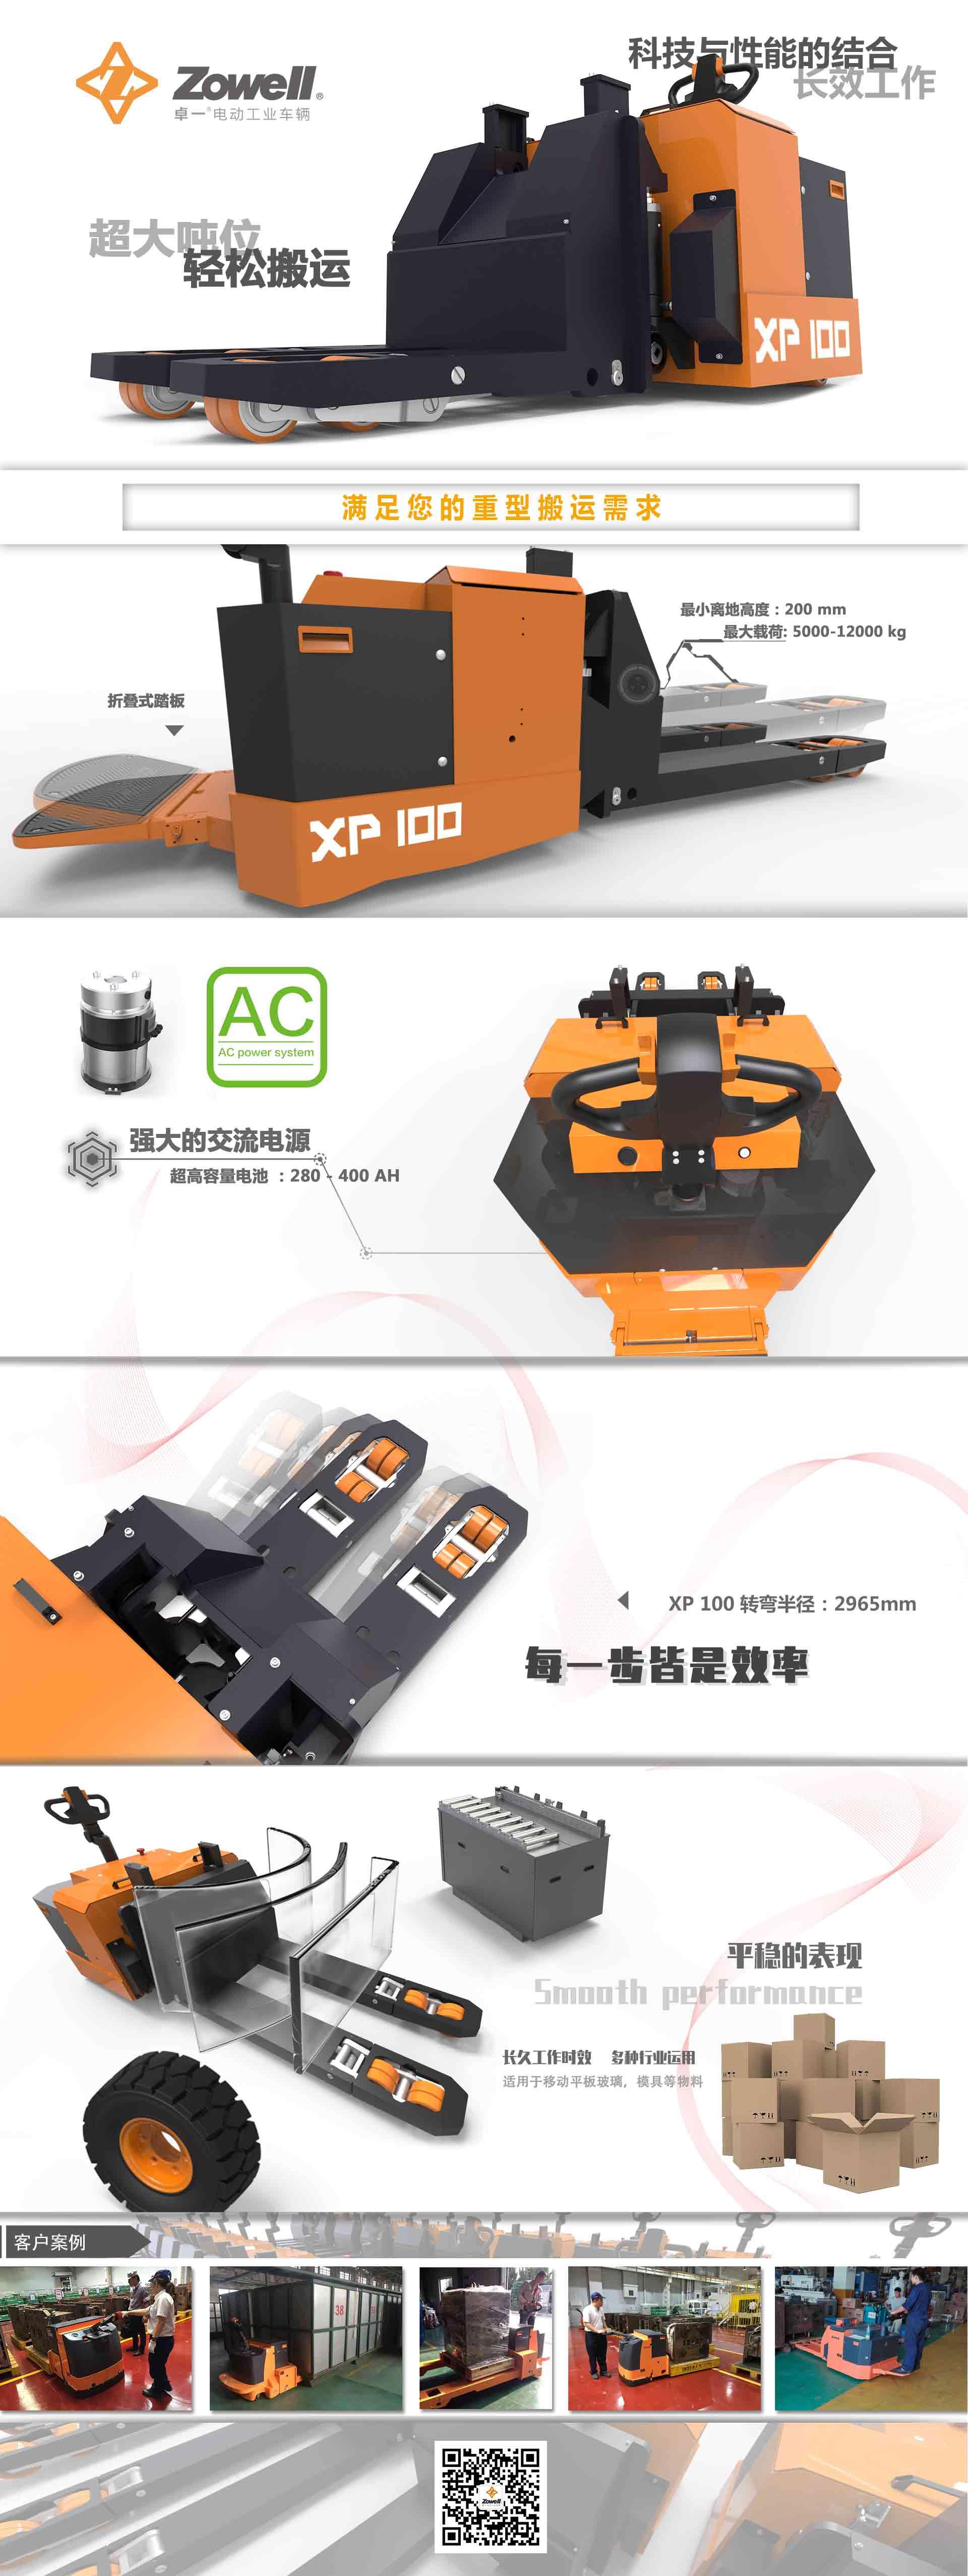 XP100電動搬運叉車